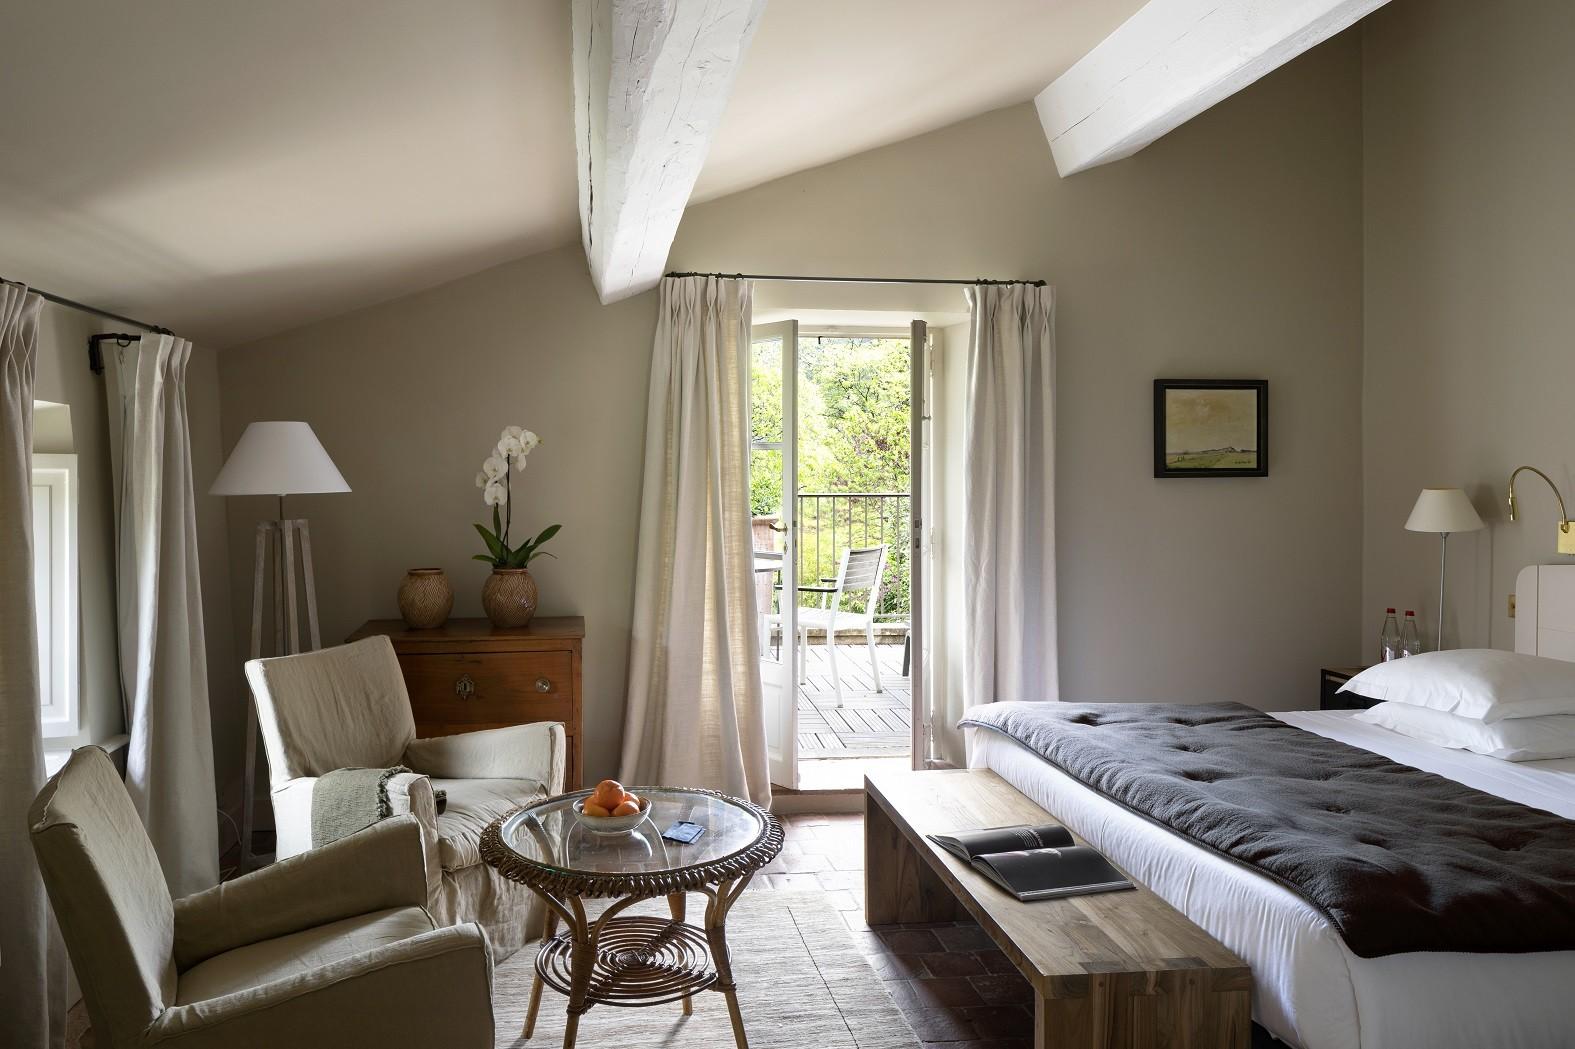 baumaniere-alpilles-saint-remy-de-provence-avignon-carrieres-de-lumieres-chambres